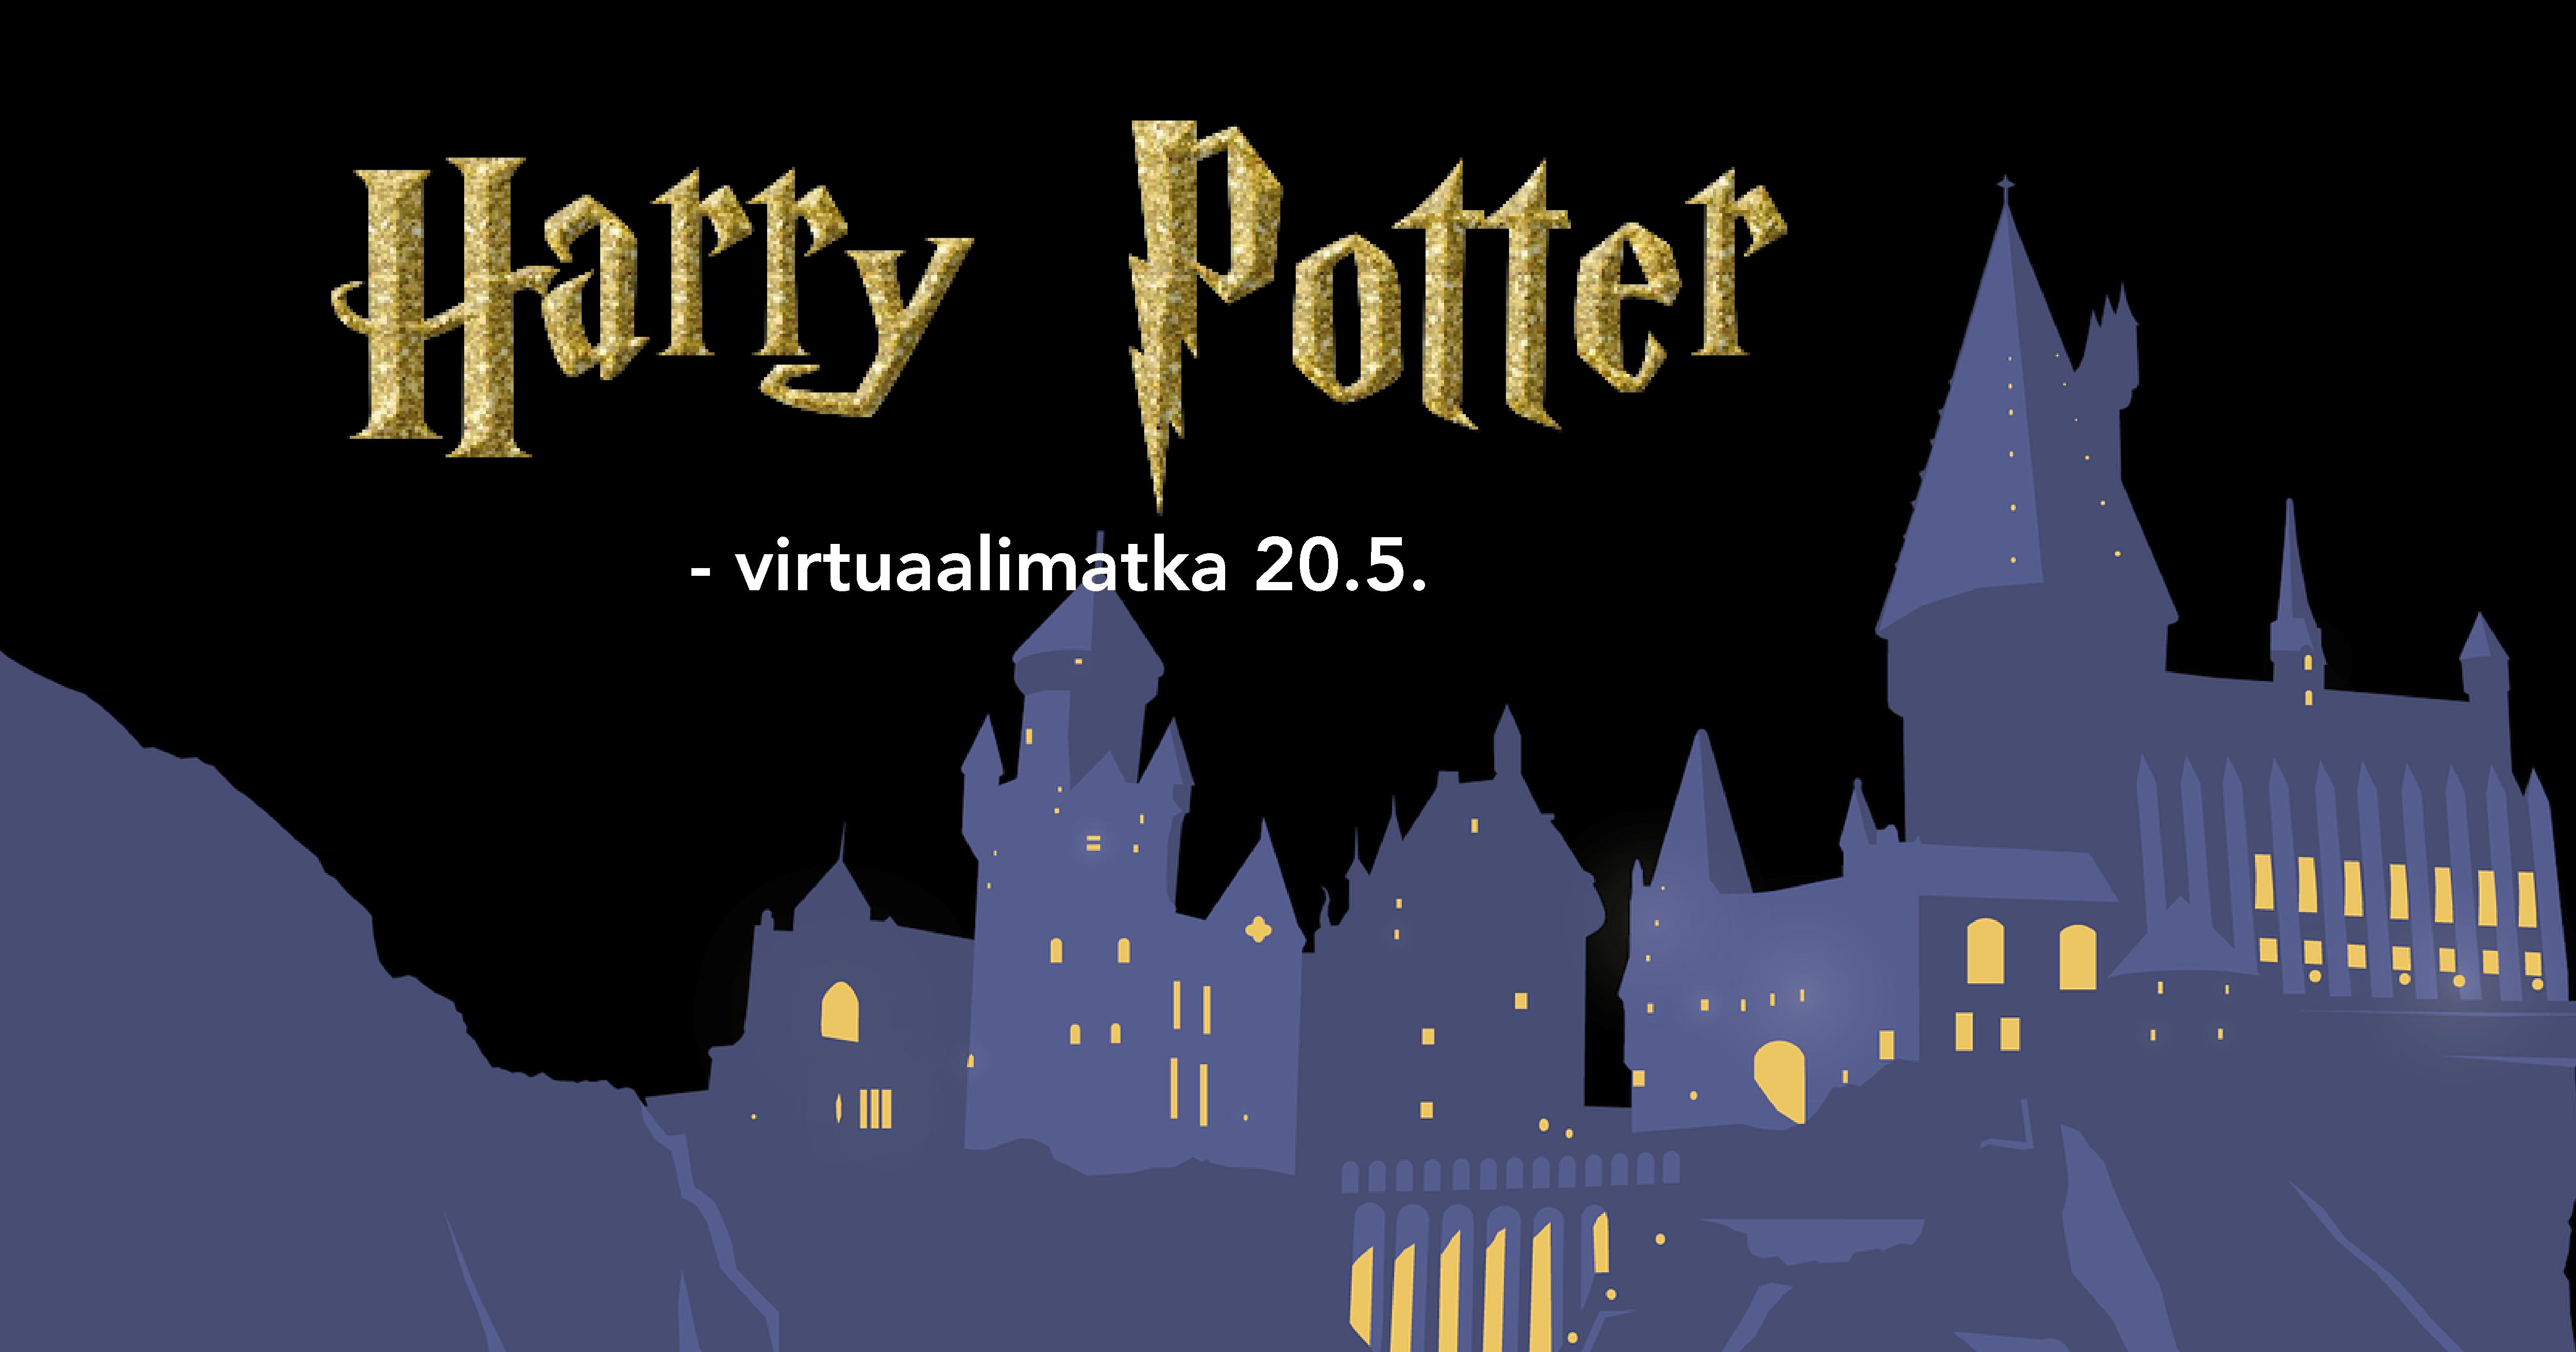 """Kuvassa taustalla Tylypahkan linnan siluetti. Edessä lukee """"Harry Potter -viertuaalimatka 20.5."""""""